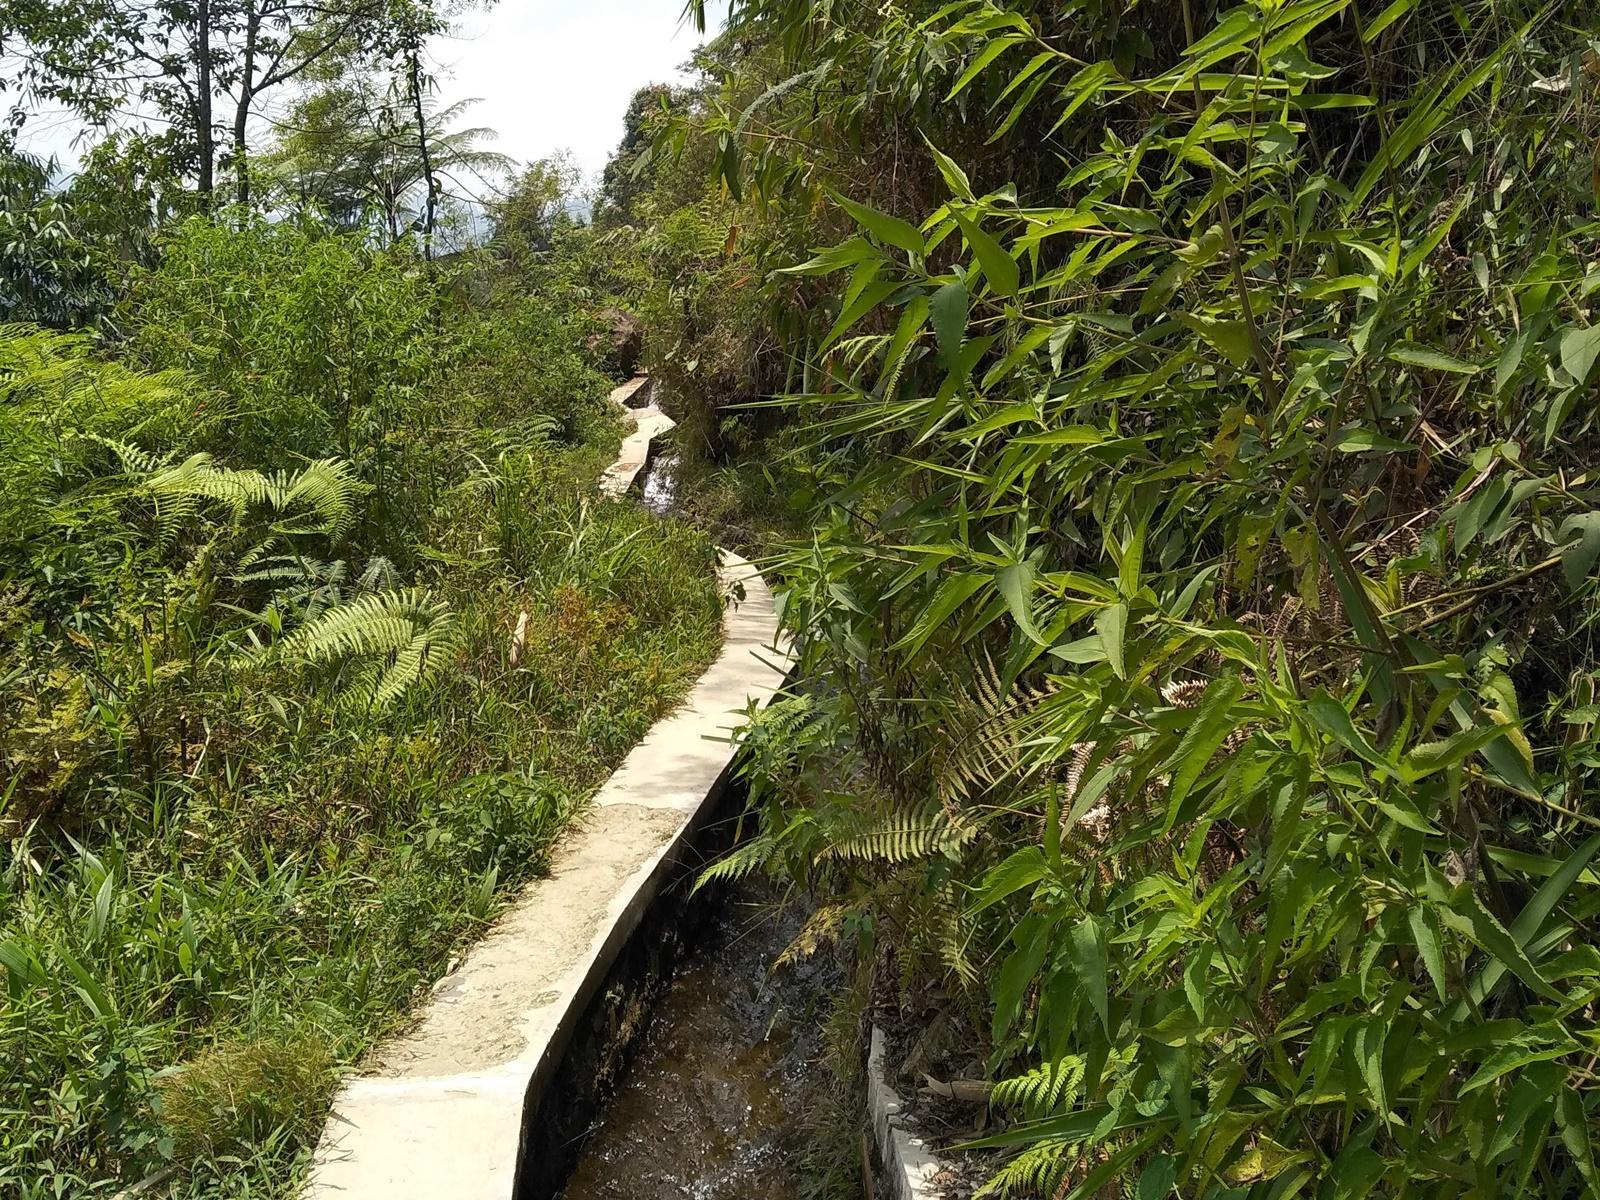 Jalur irigasi